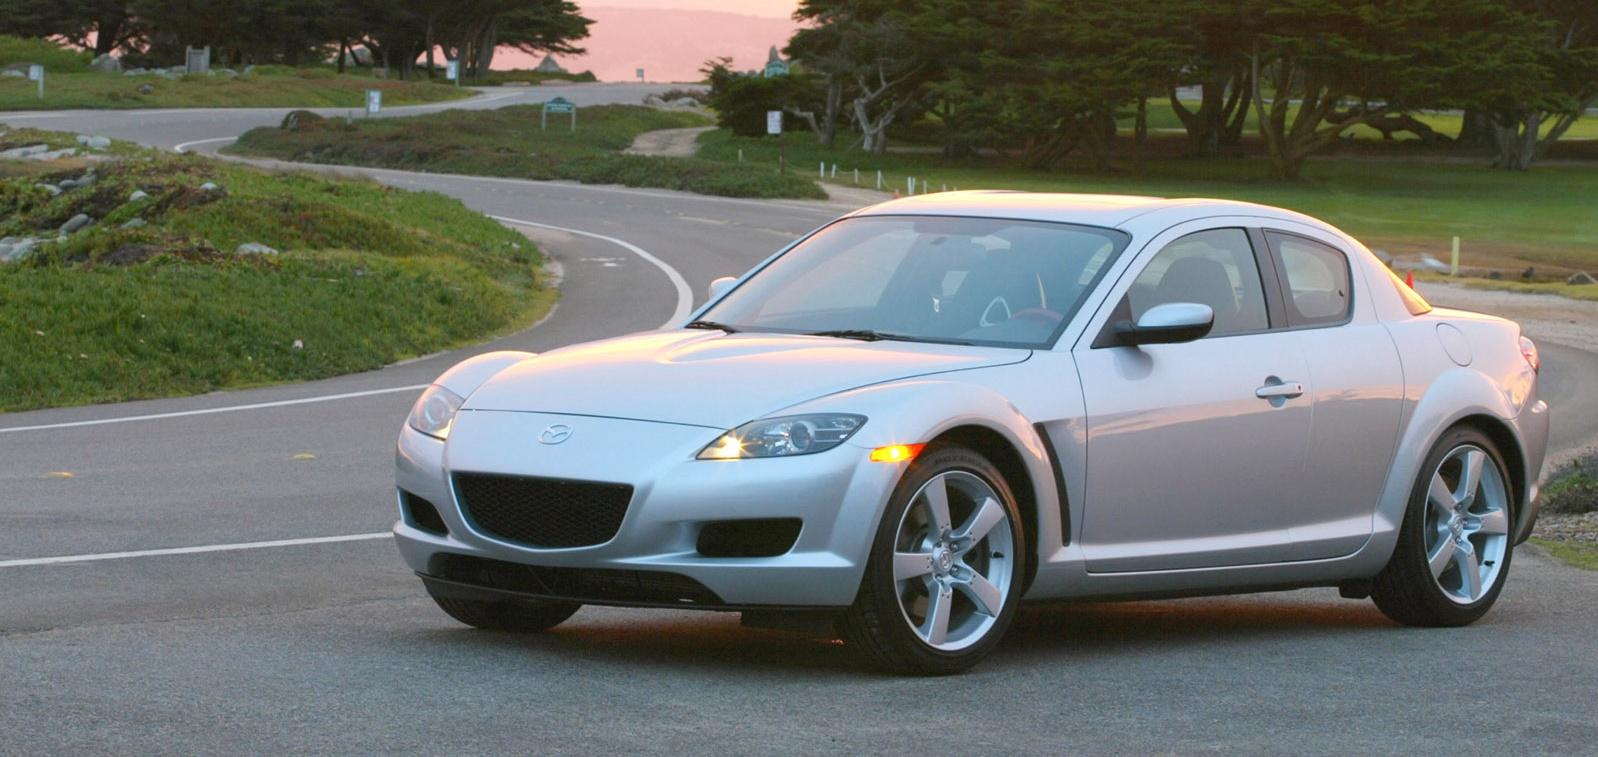 coches-potentes-por-menos-de-5000-euros-06